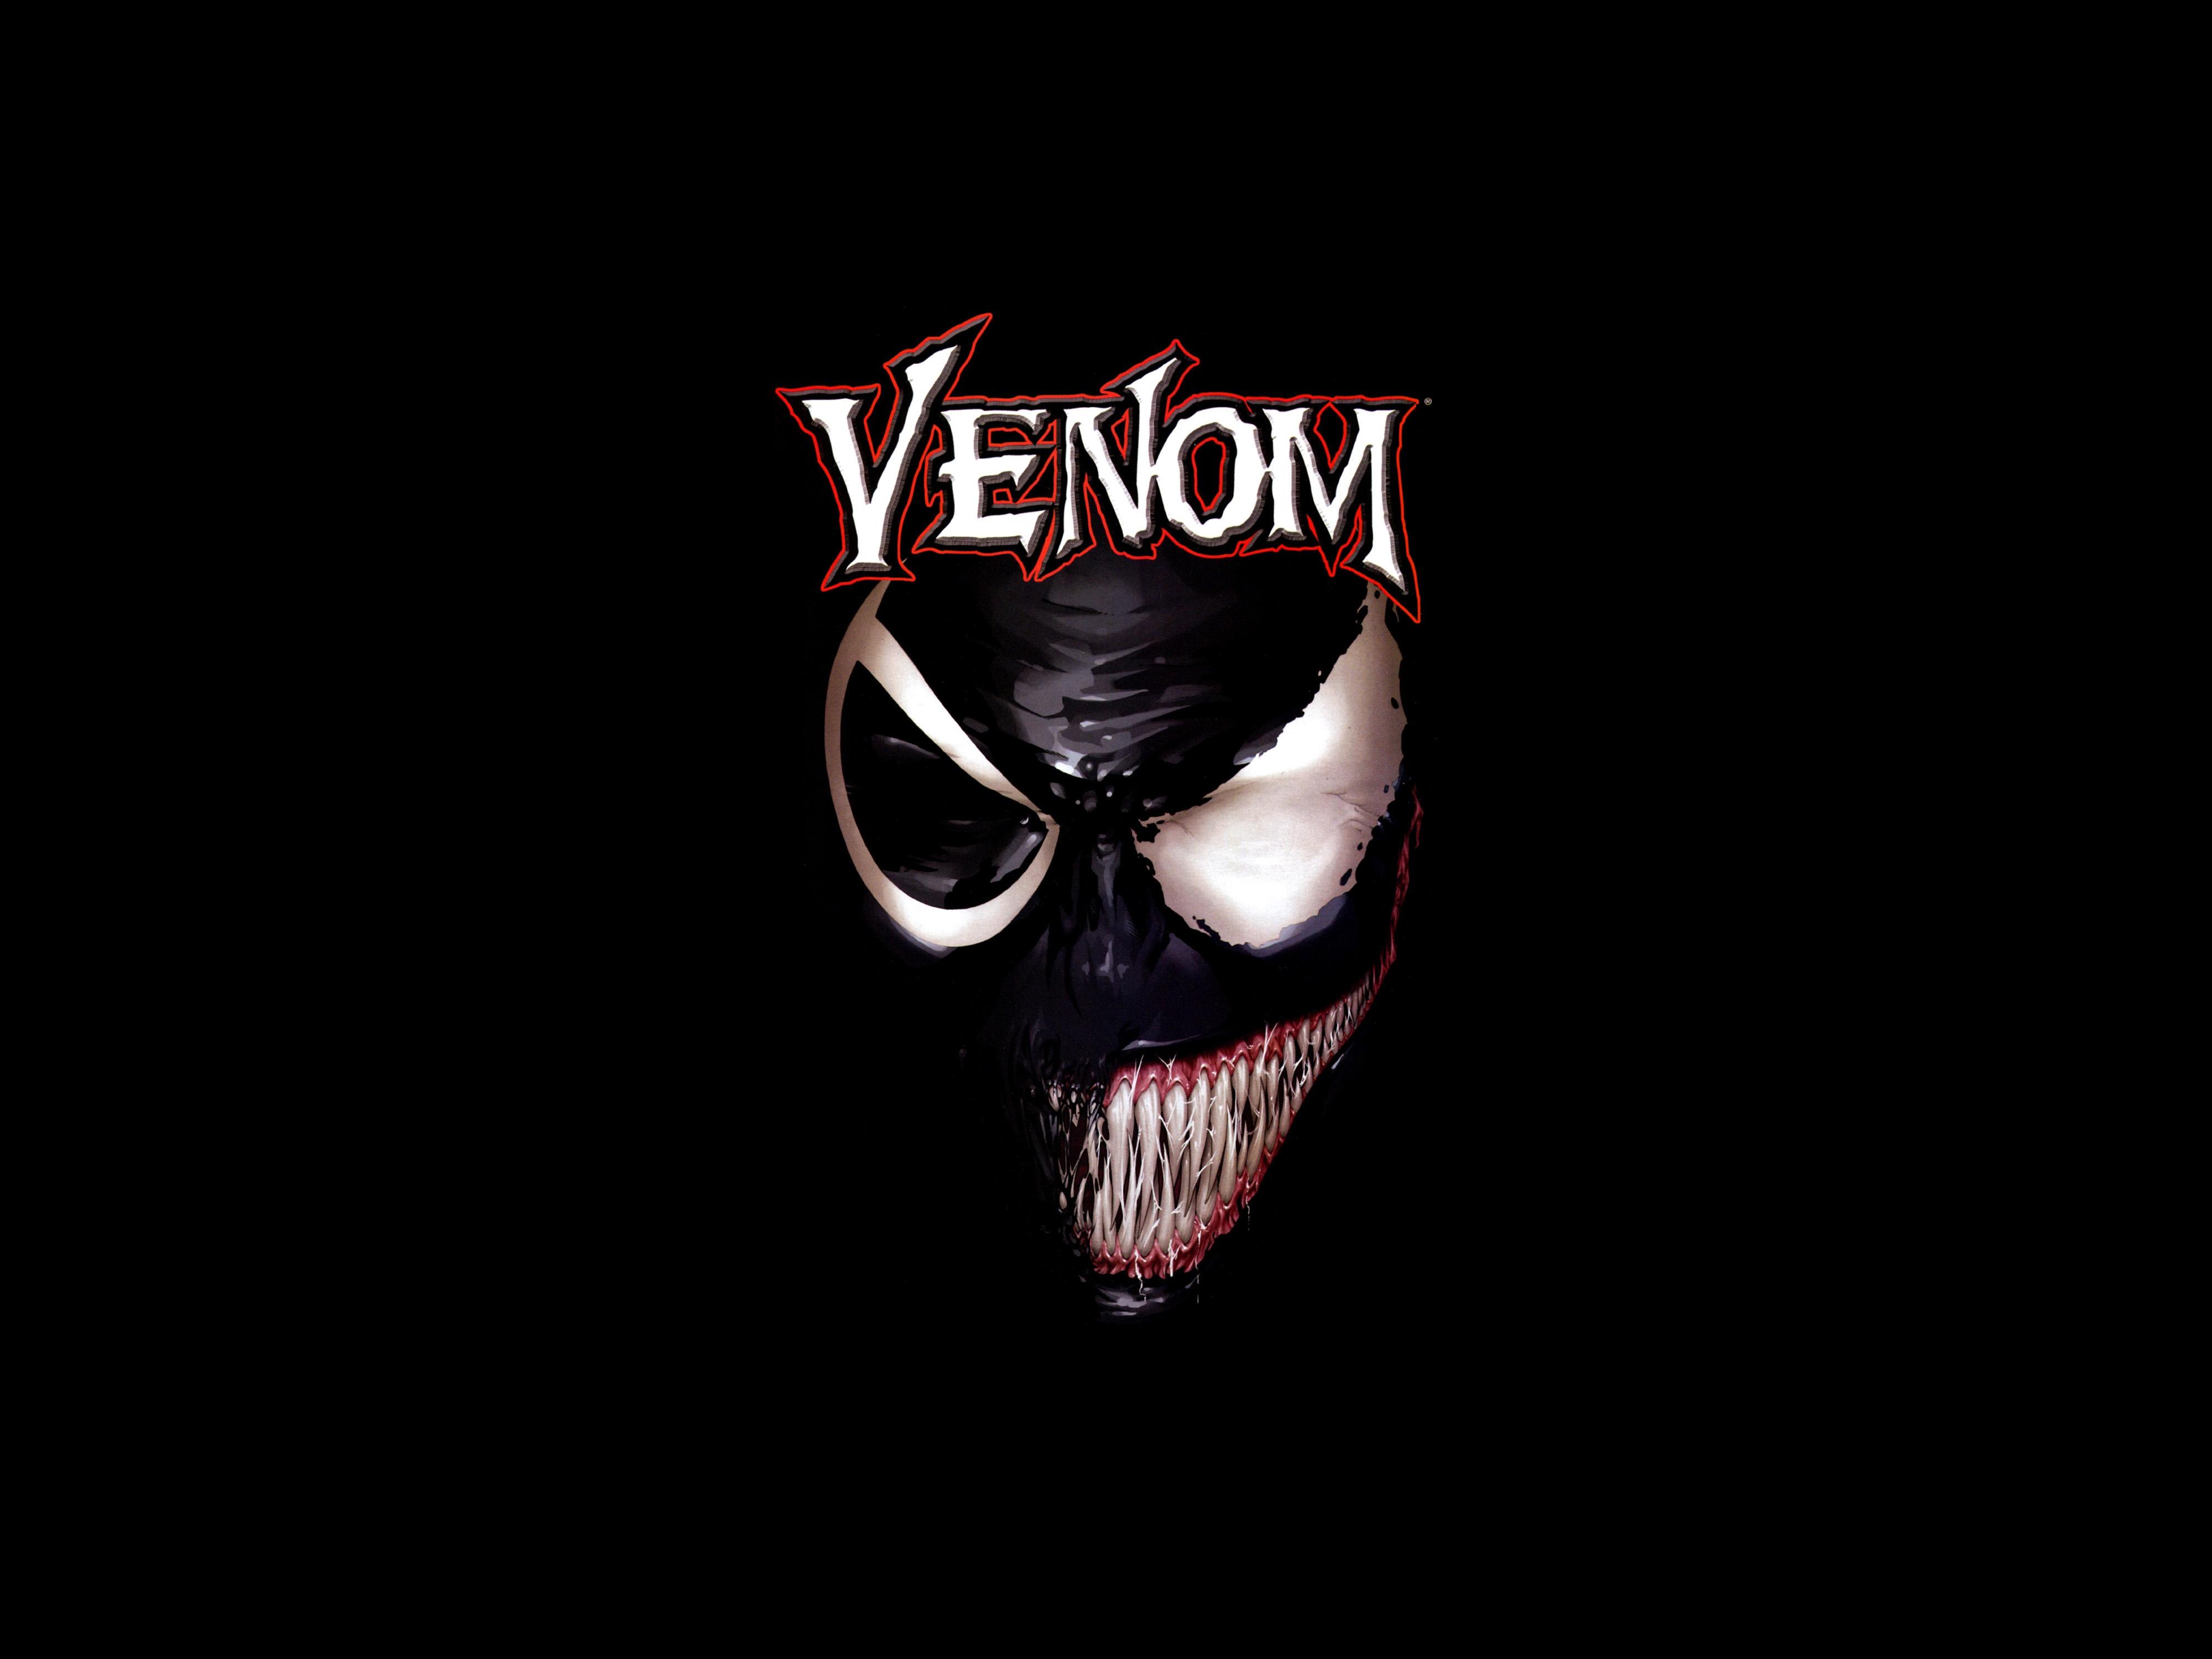 Venom Computer Wallpapers Desktop Backgrounds 4000x3000 ID452403 4000x3000